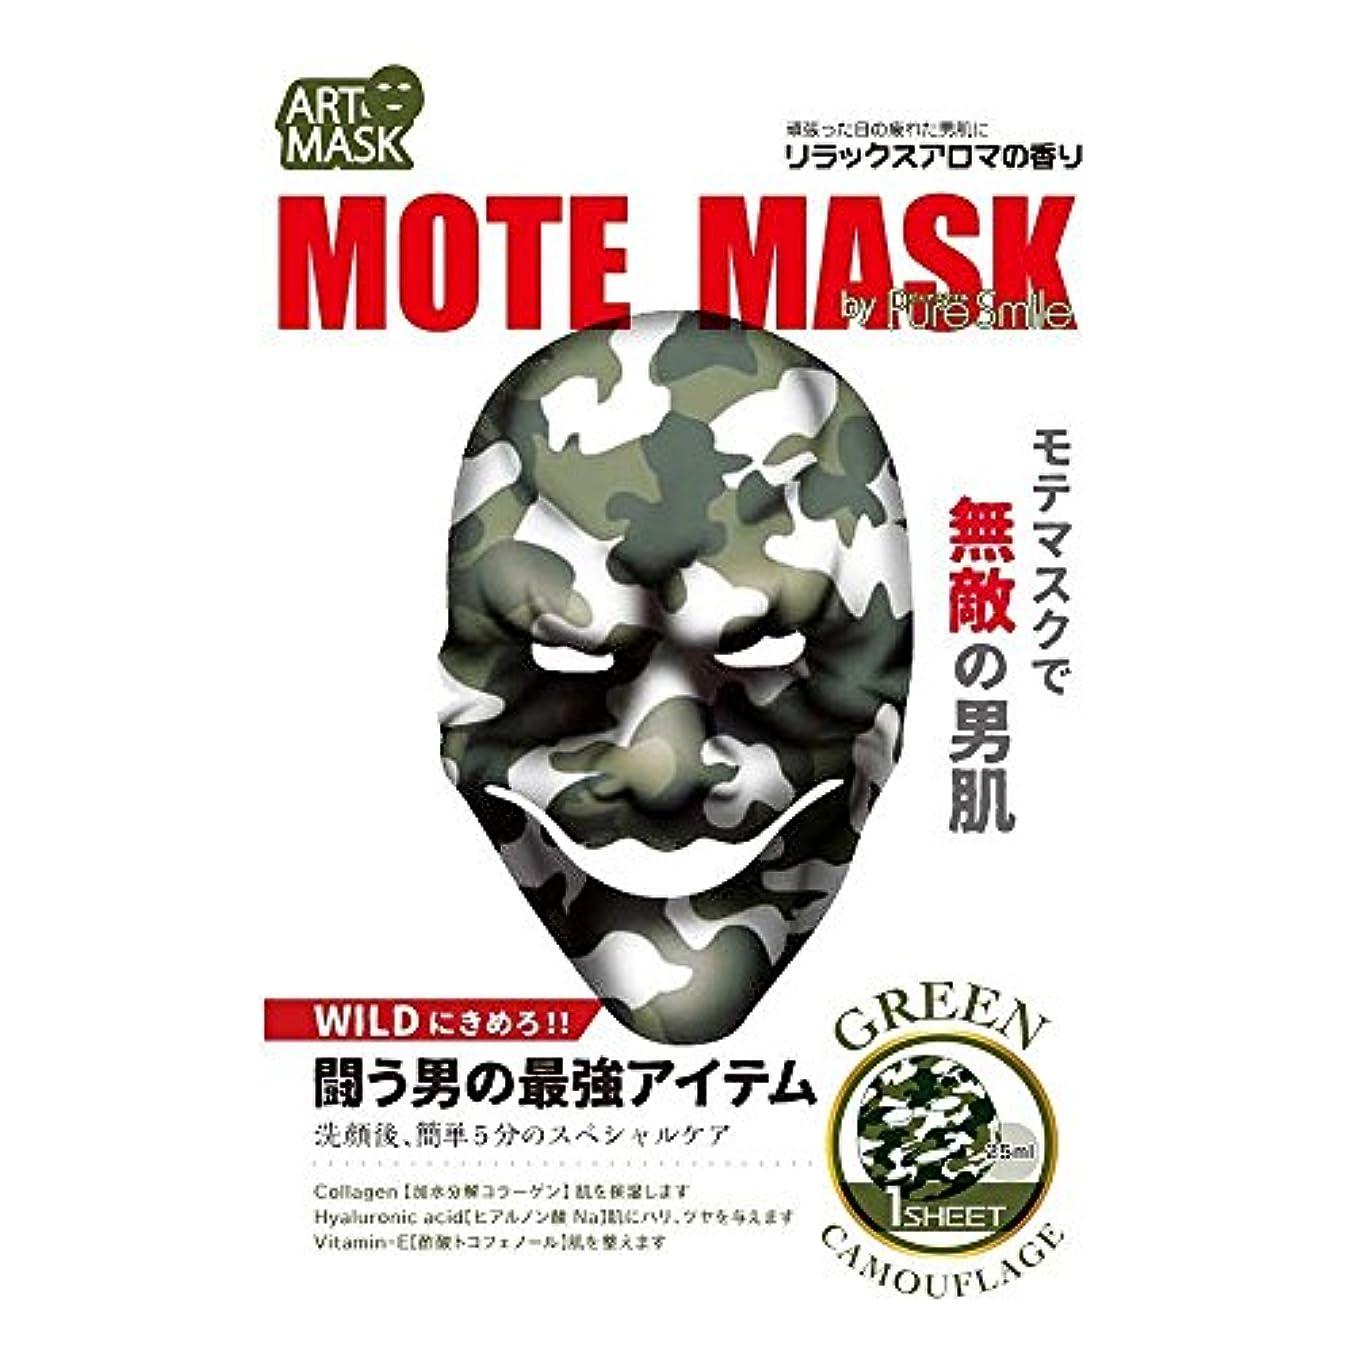 発音するミシンステープルピュアスマイル モテマスク ブラックカモフラージュ MA03 【クール】